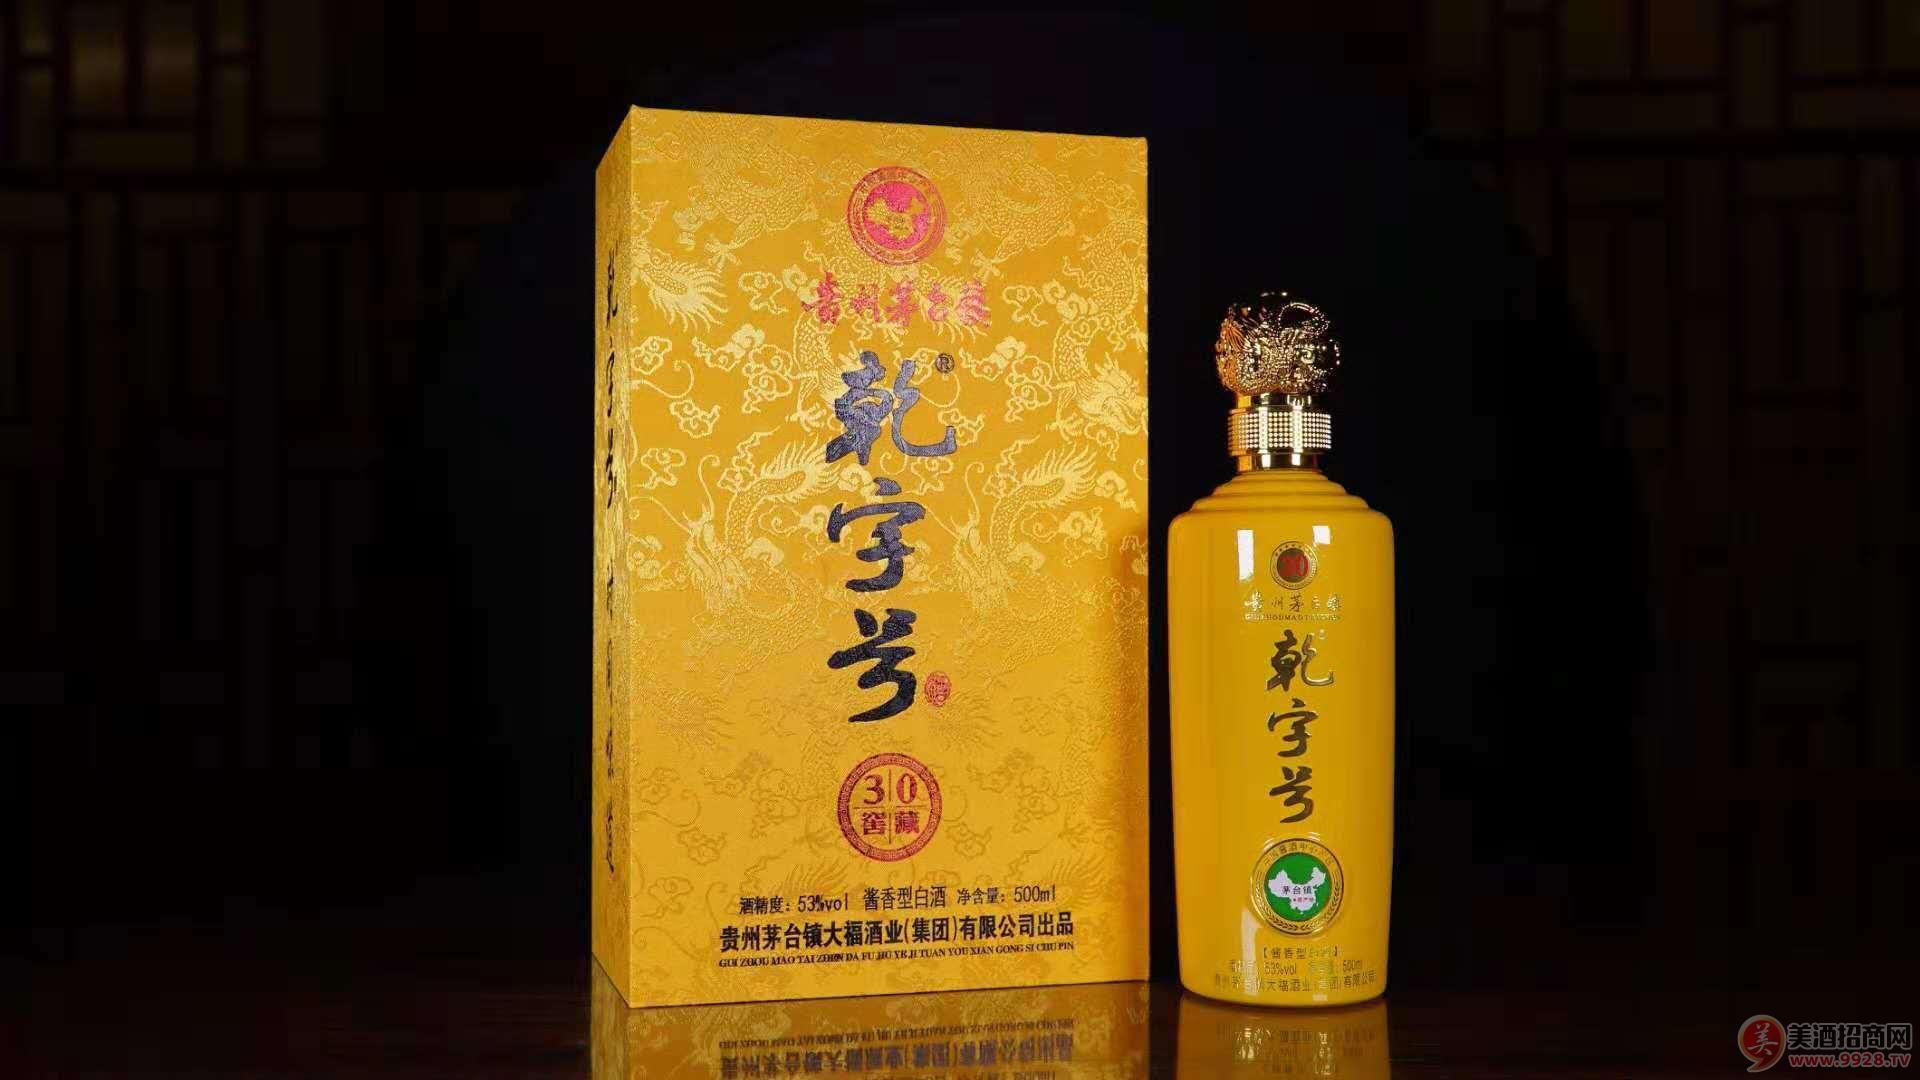 茅台镇大福酒业乾字号30年窖藏